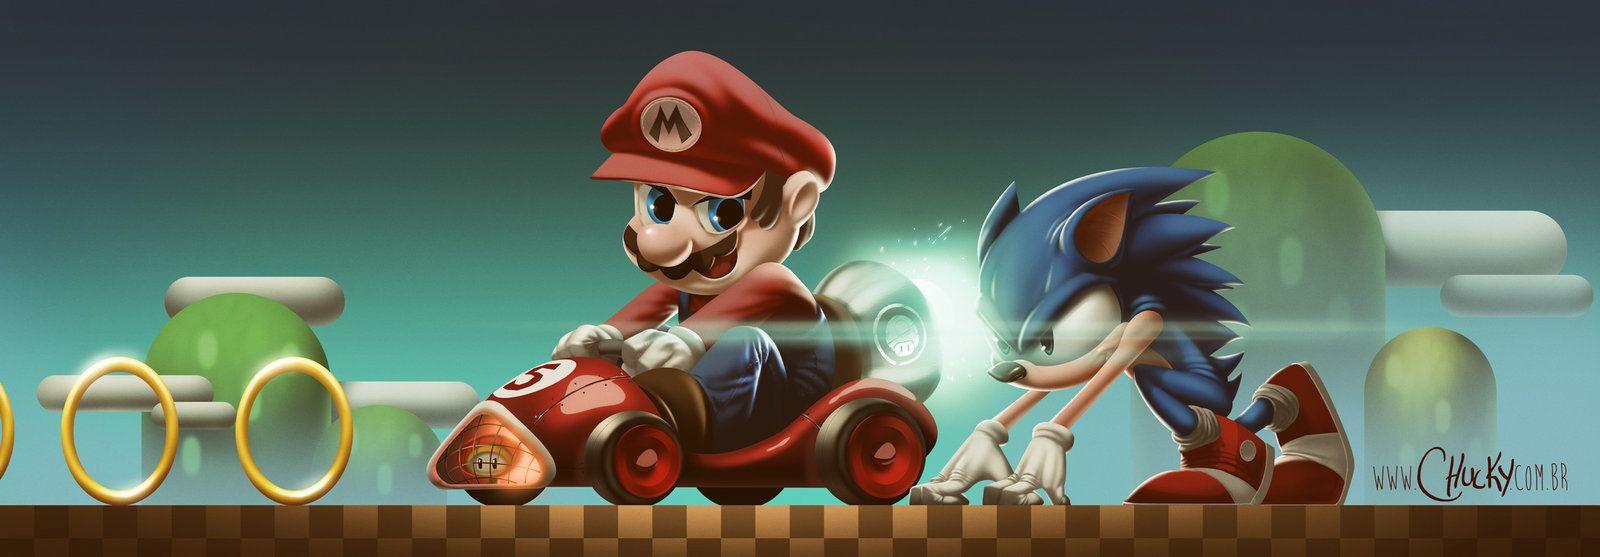 Mario Vs Sonic By Fubango Deviantart Com On Deviantart Tag Art